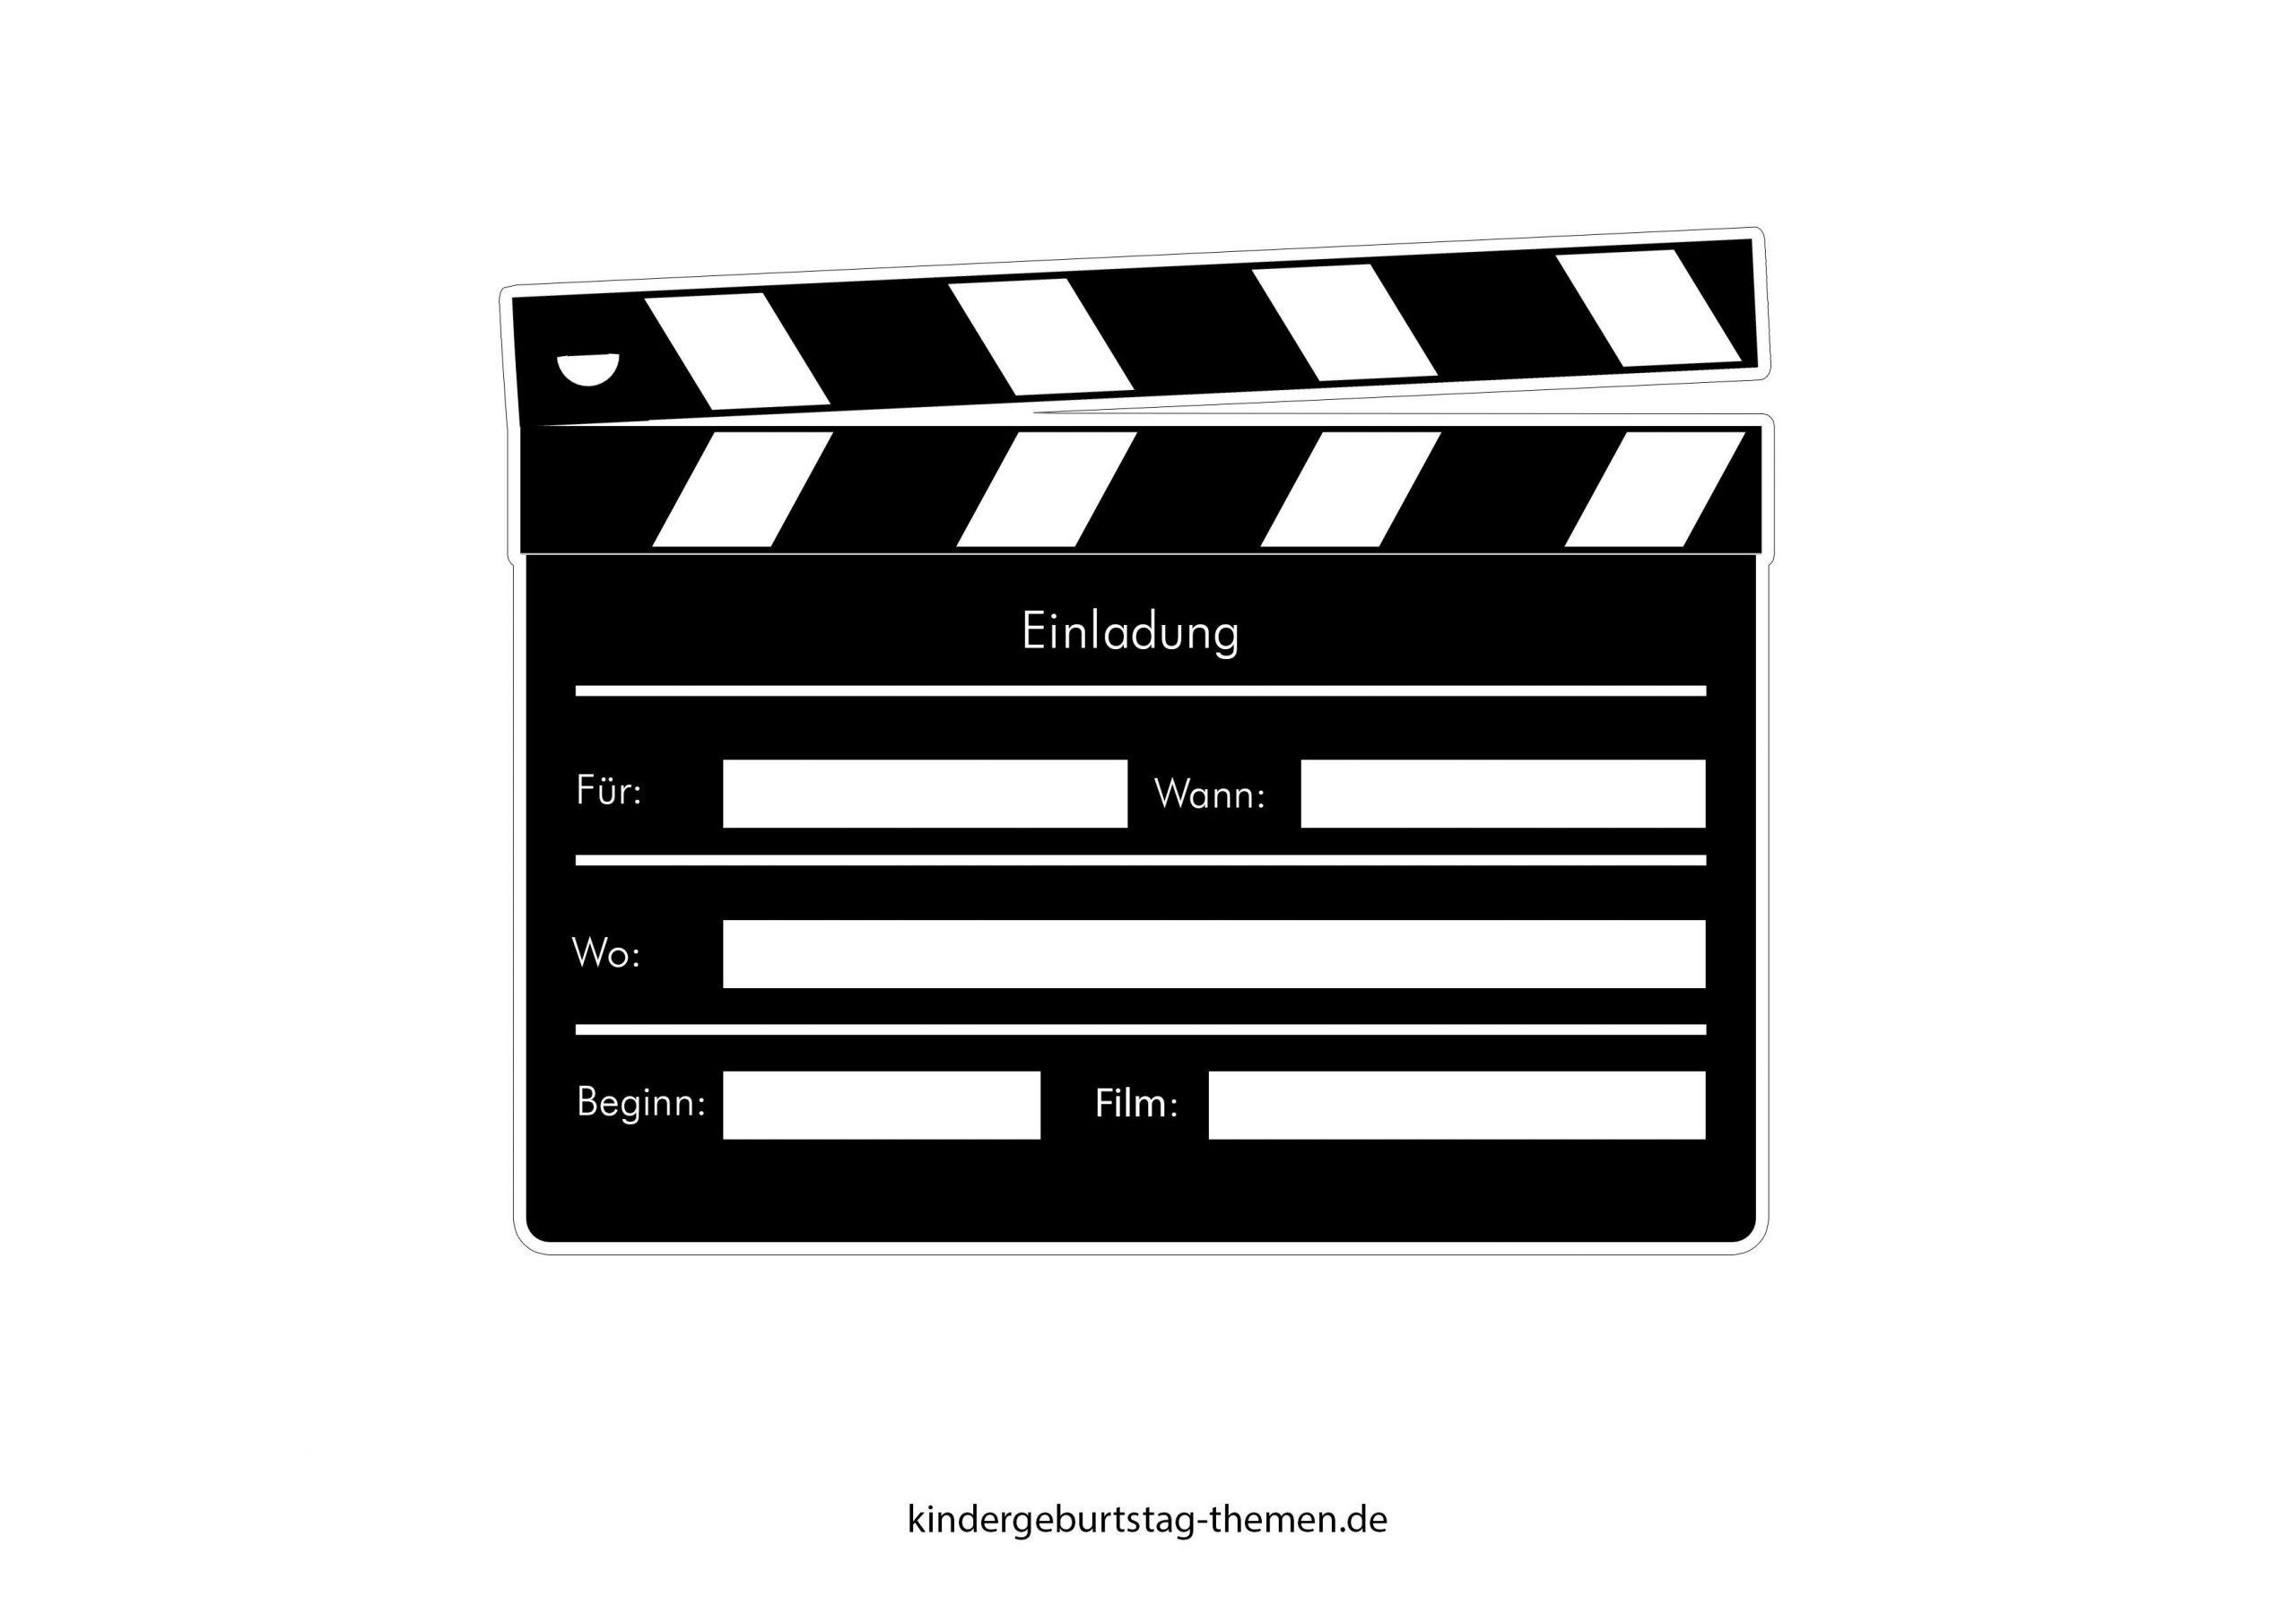 Am Heißesten Schnappschüsse Einladung Kino Kunsthandwerk über Filmklappe Einladung Vorlage Kostenlos